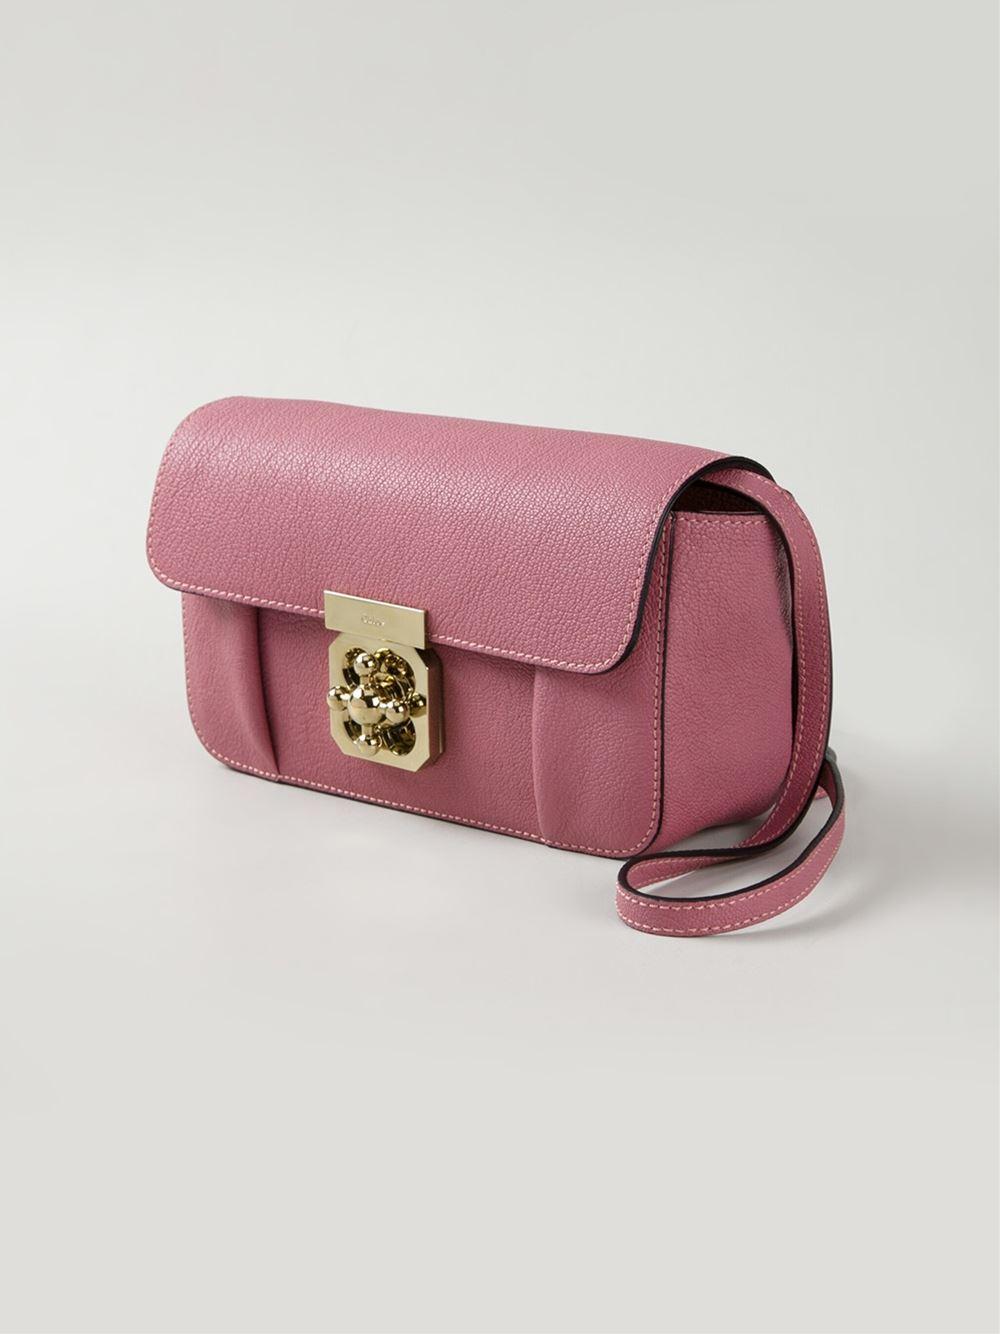 see by chloe wallets - chloe elsie crystal-embellished clutch, chlo bags